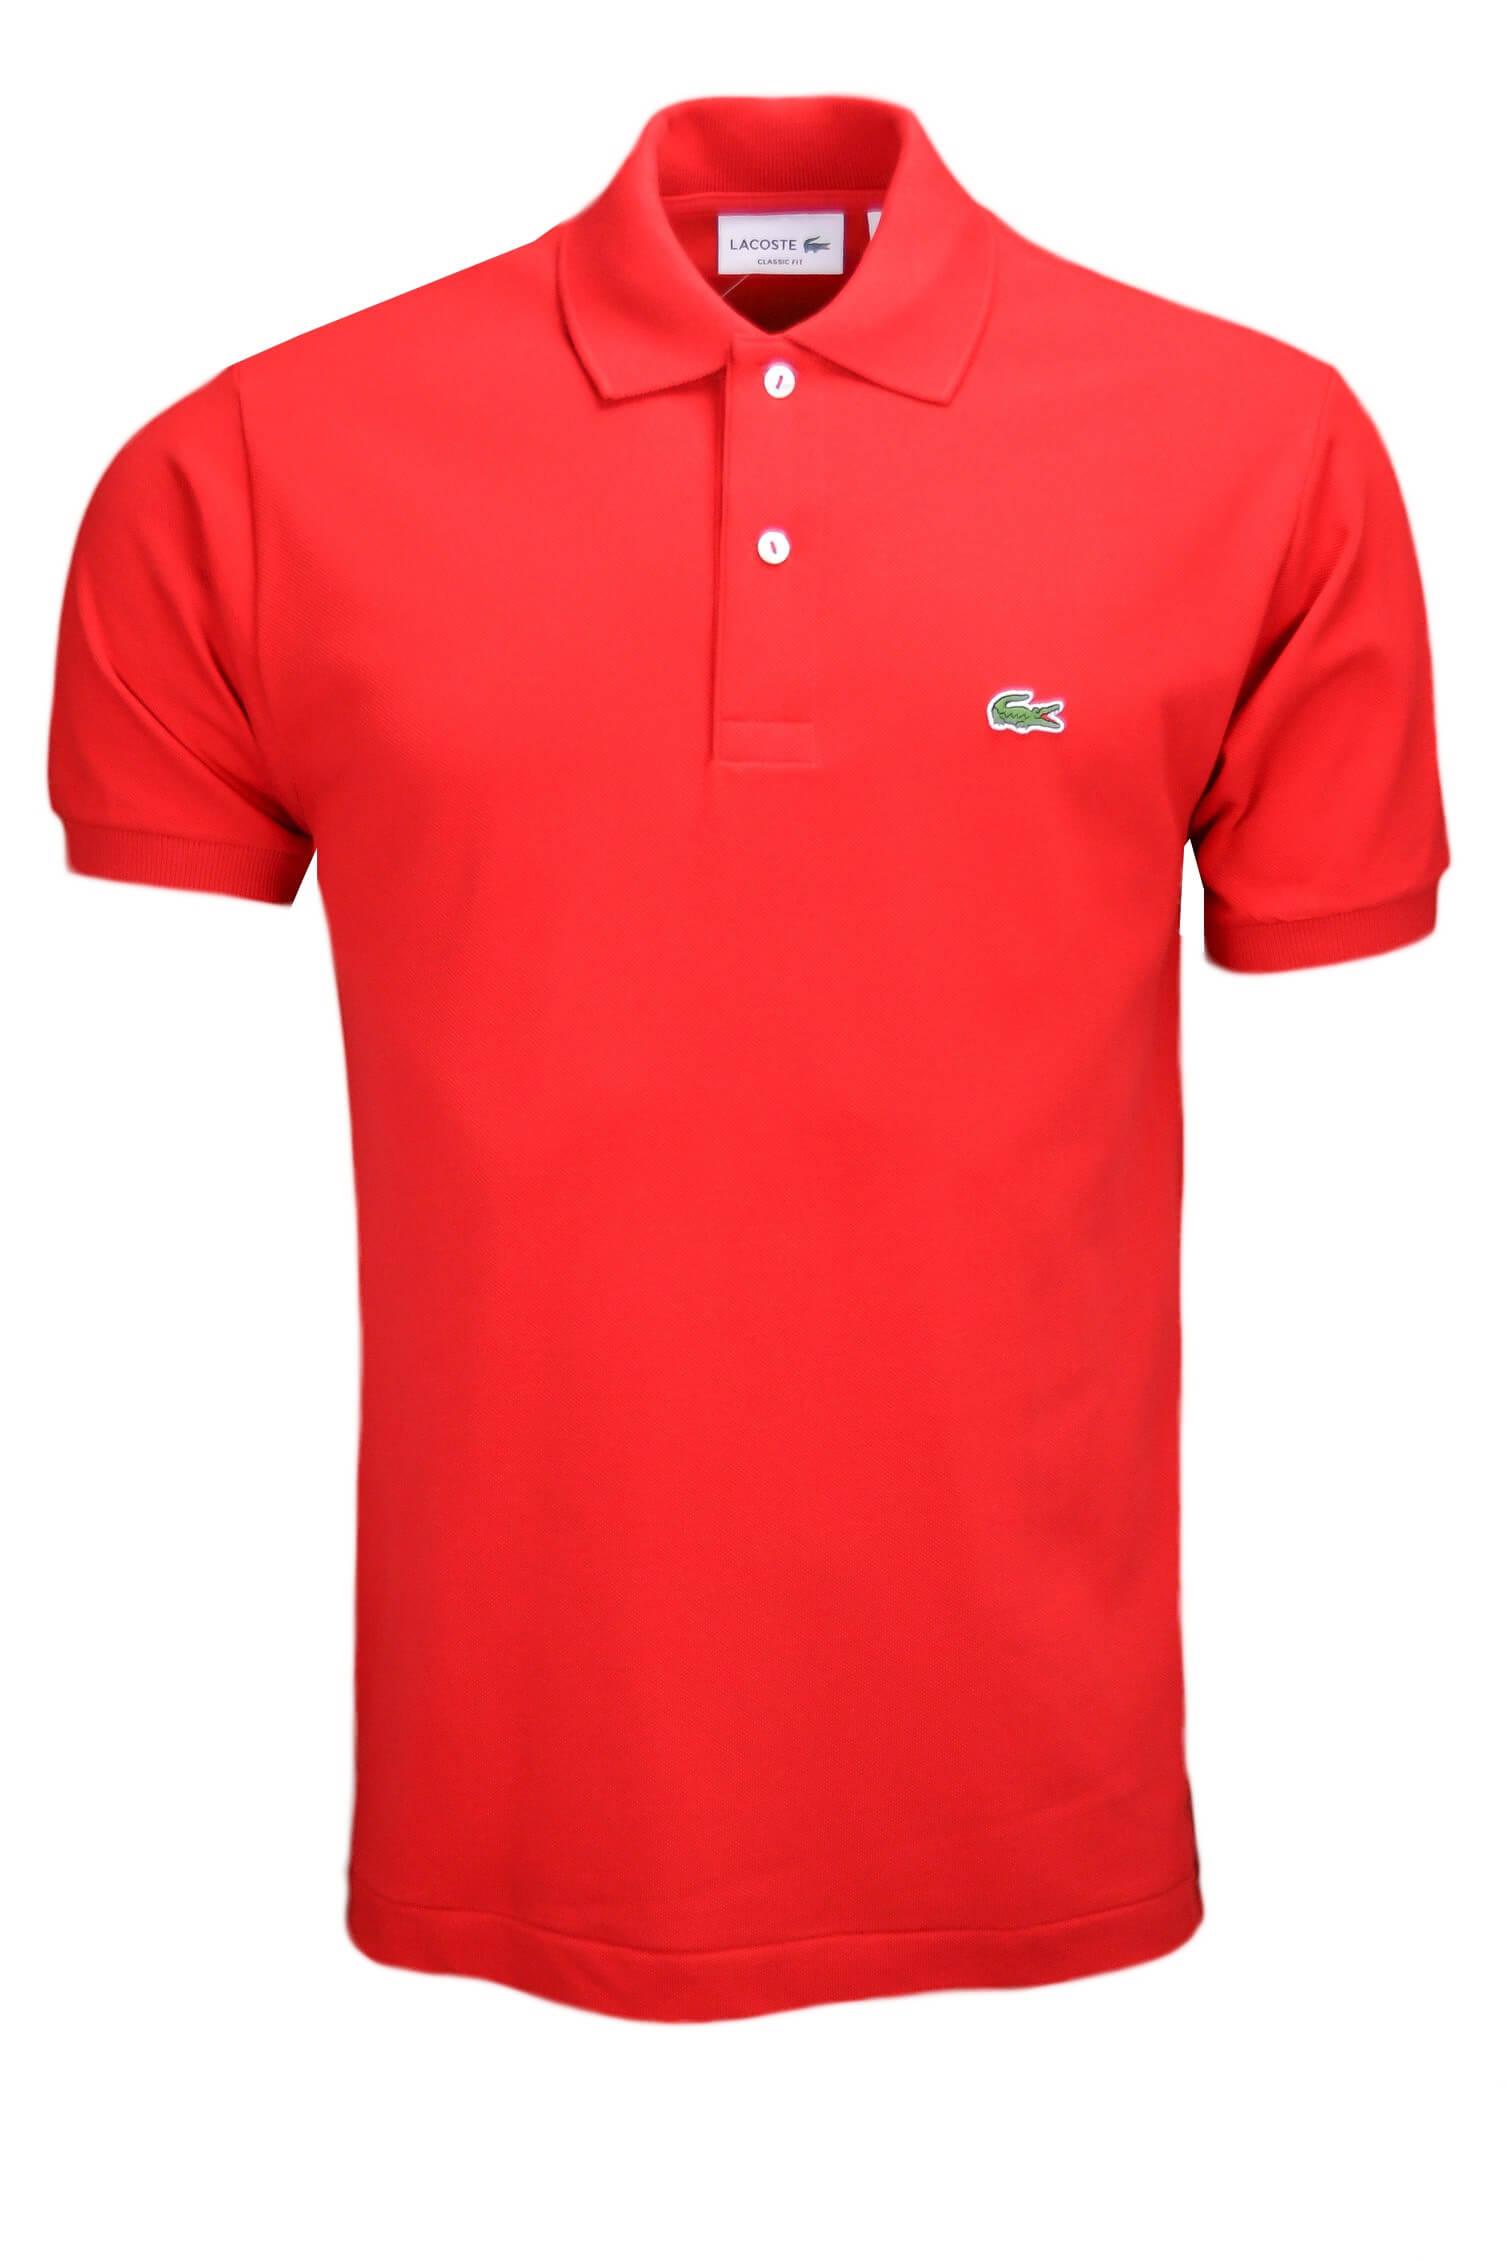 722e1a5140 Polo Lacoste L1212 classic fit rouge pour homme - Toujours au meil...